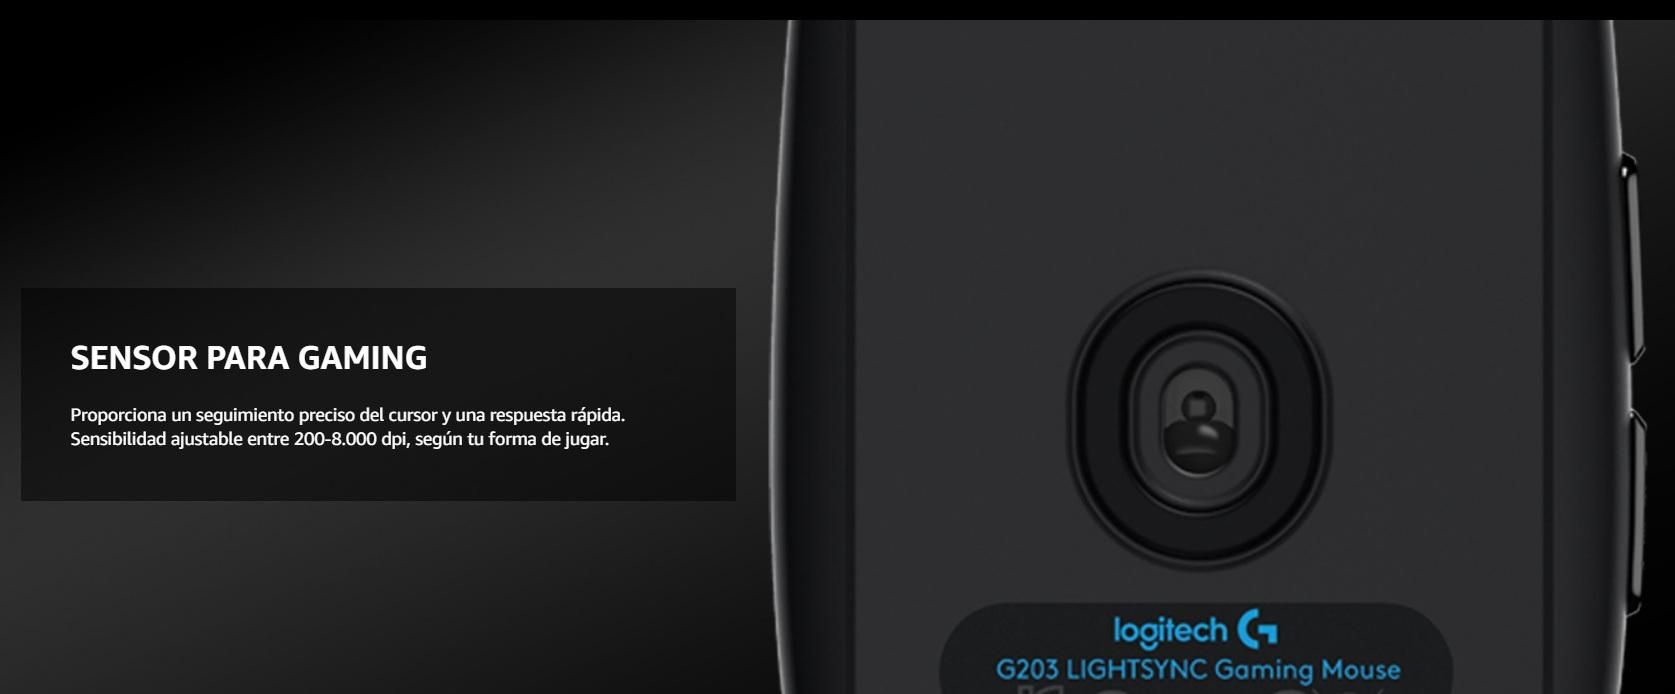 Logitech G203 - Sensor óptico